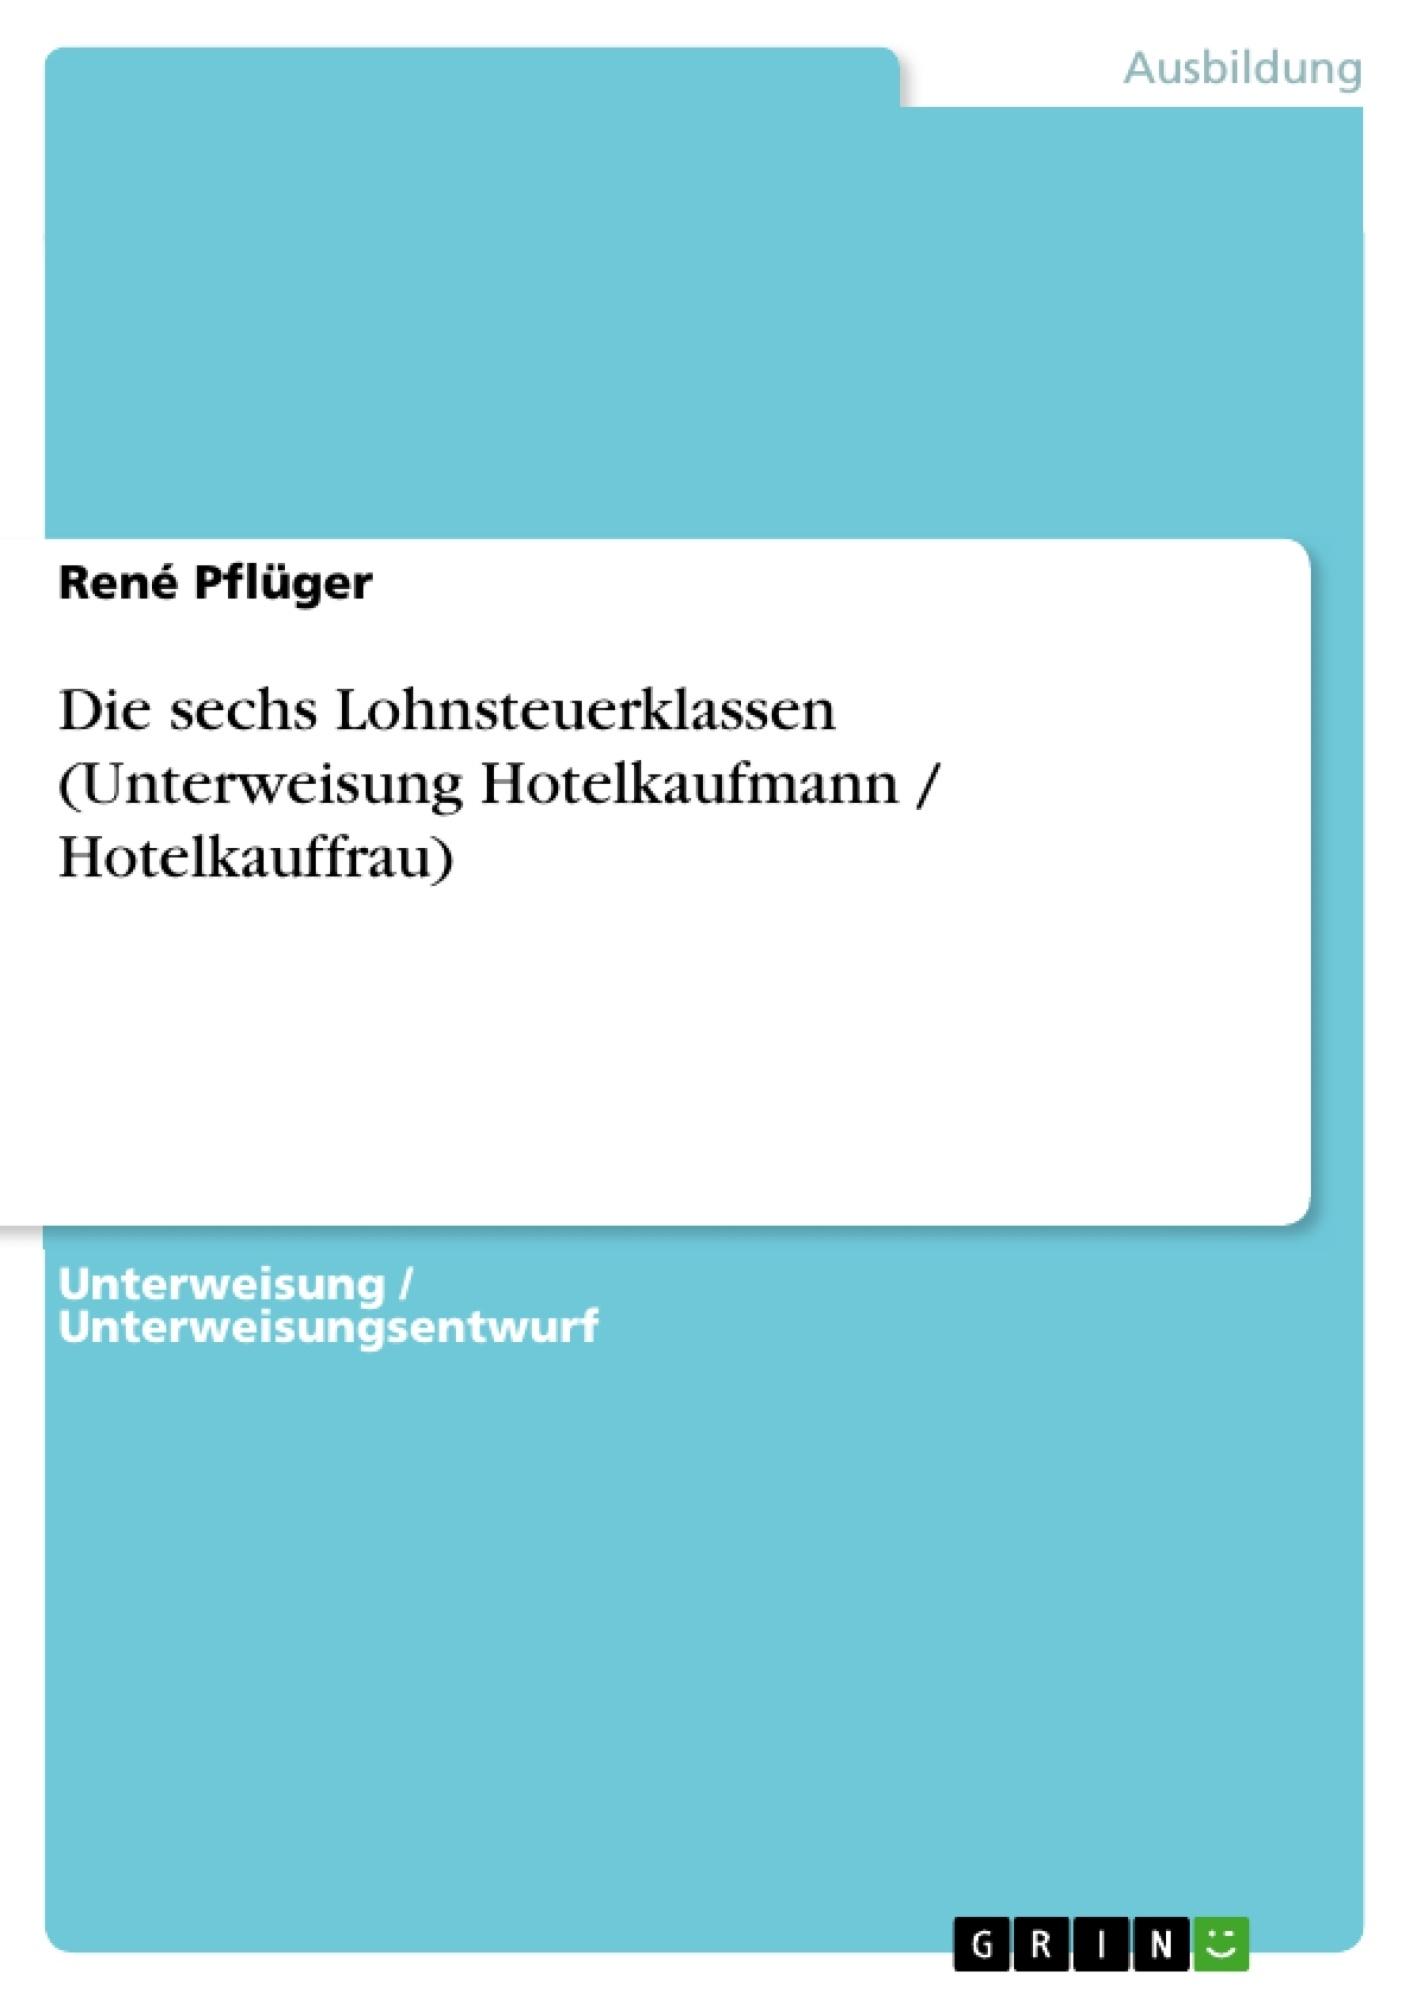 Titel: Die sechs Lohnsteuerklassen (Unterweisung Hotelkaufmann / Hotelkauffrau)